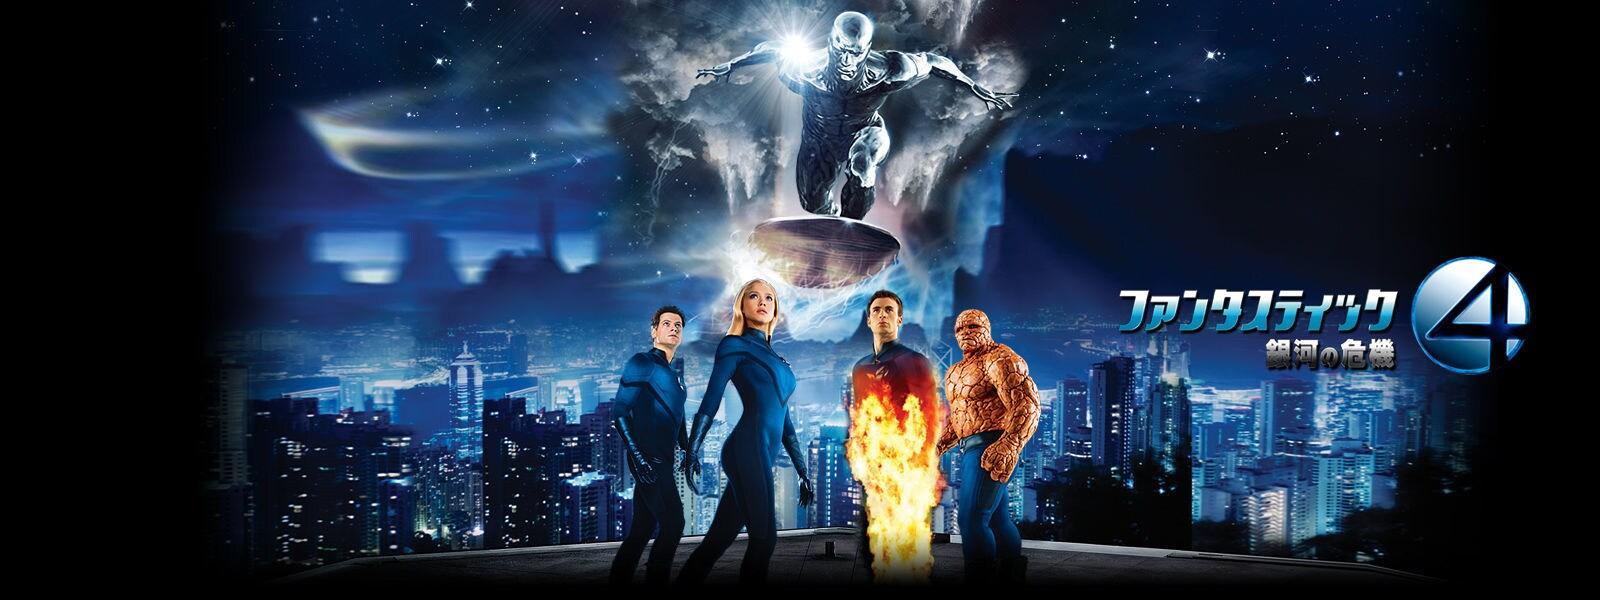 ファンタスティック・フォー:銀河の危機 Fantastic Four: Rise of the Silver Surfer Hero